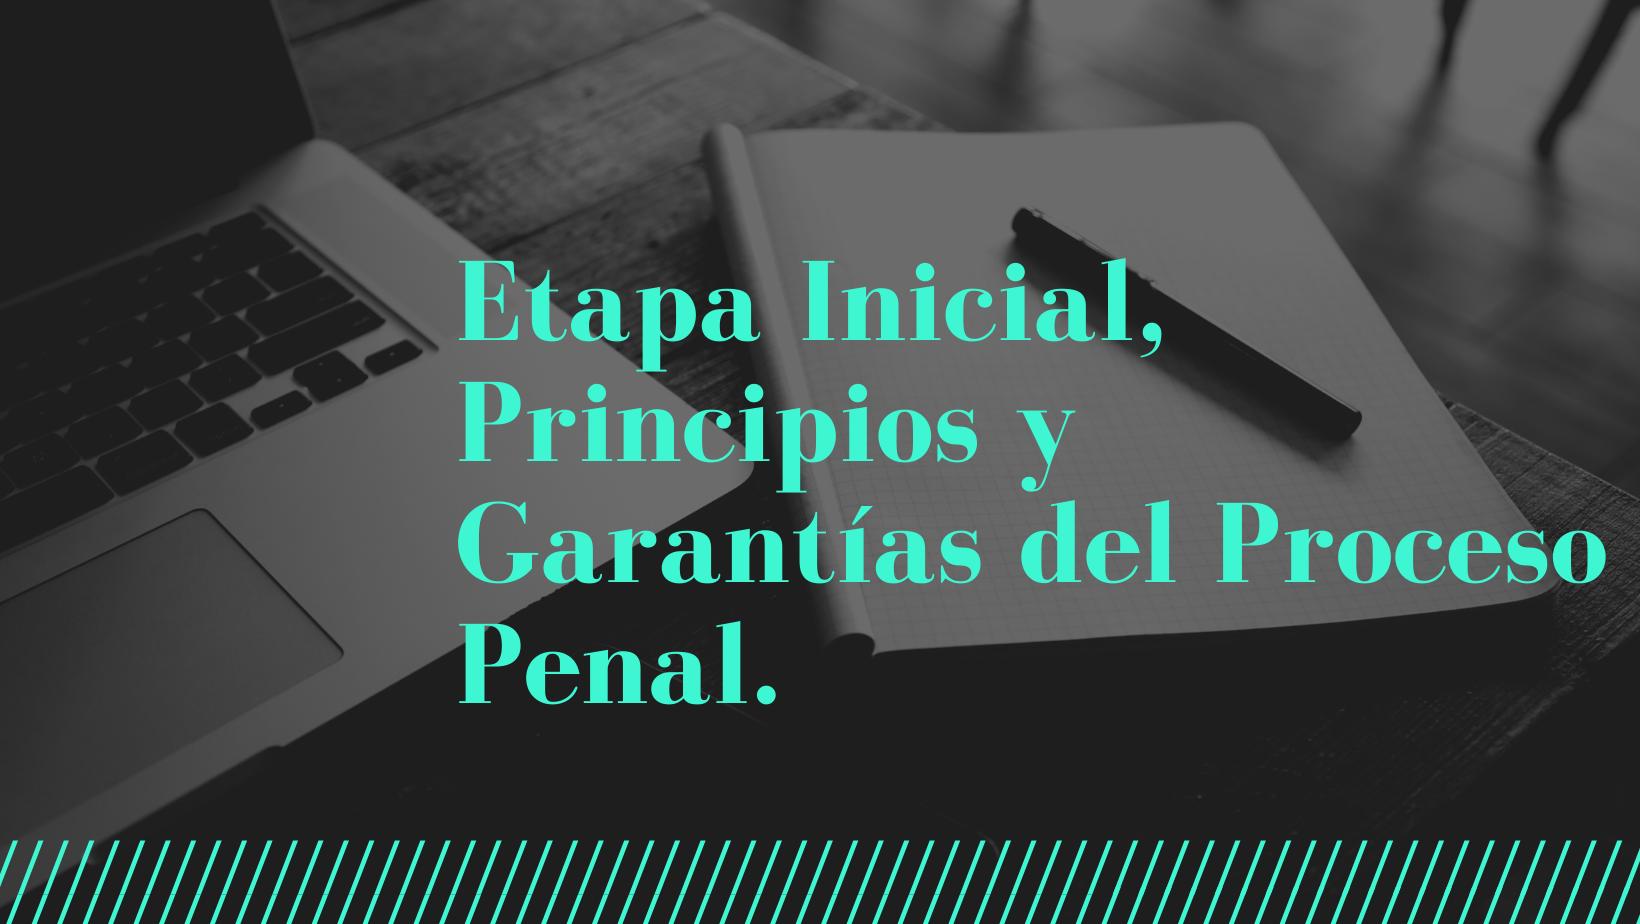 EDP-302-21-01  Etapa Inicial, Principios y Garantías del Proceso Penal